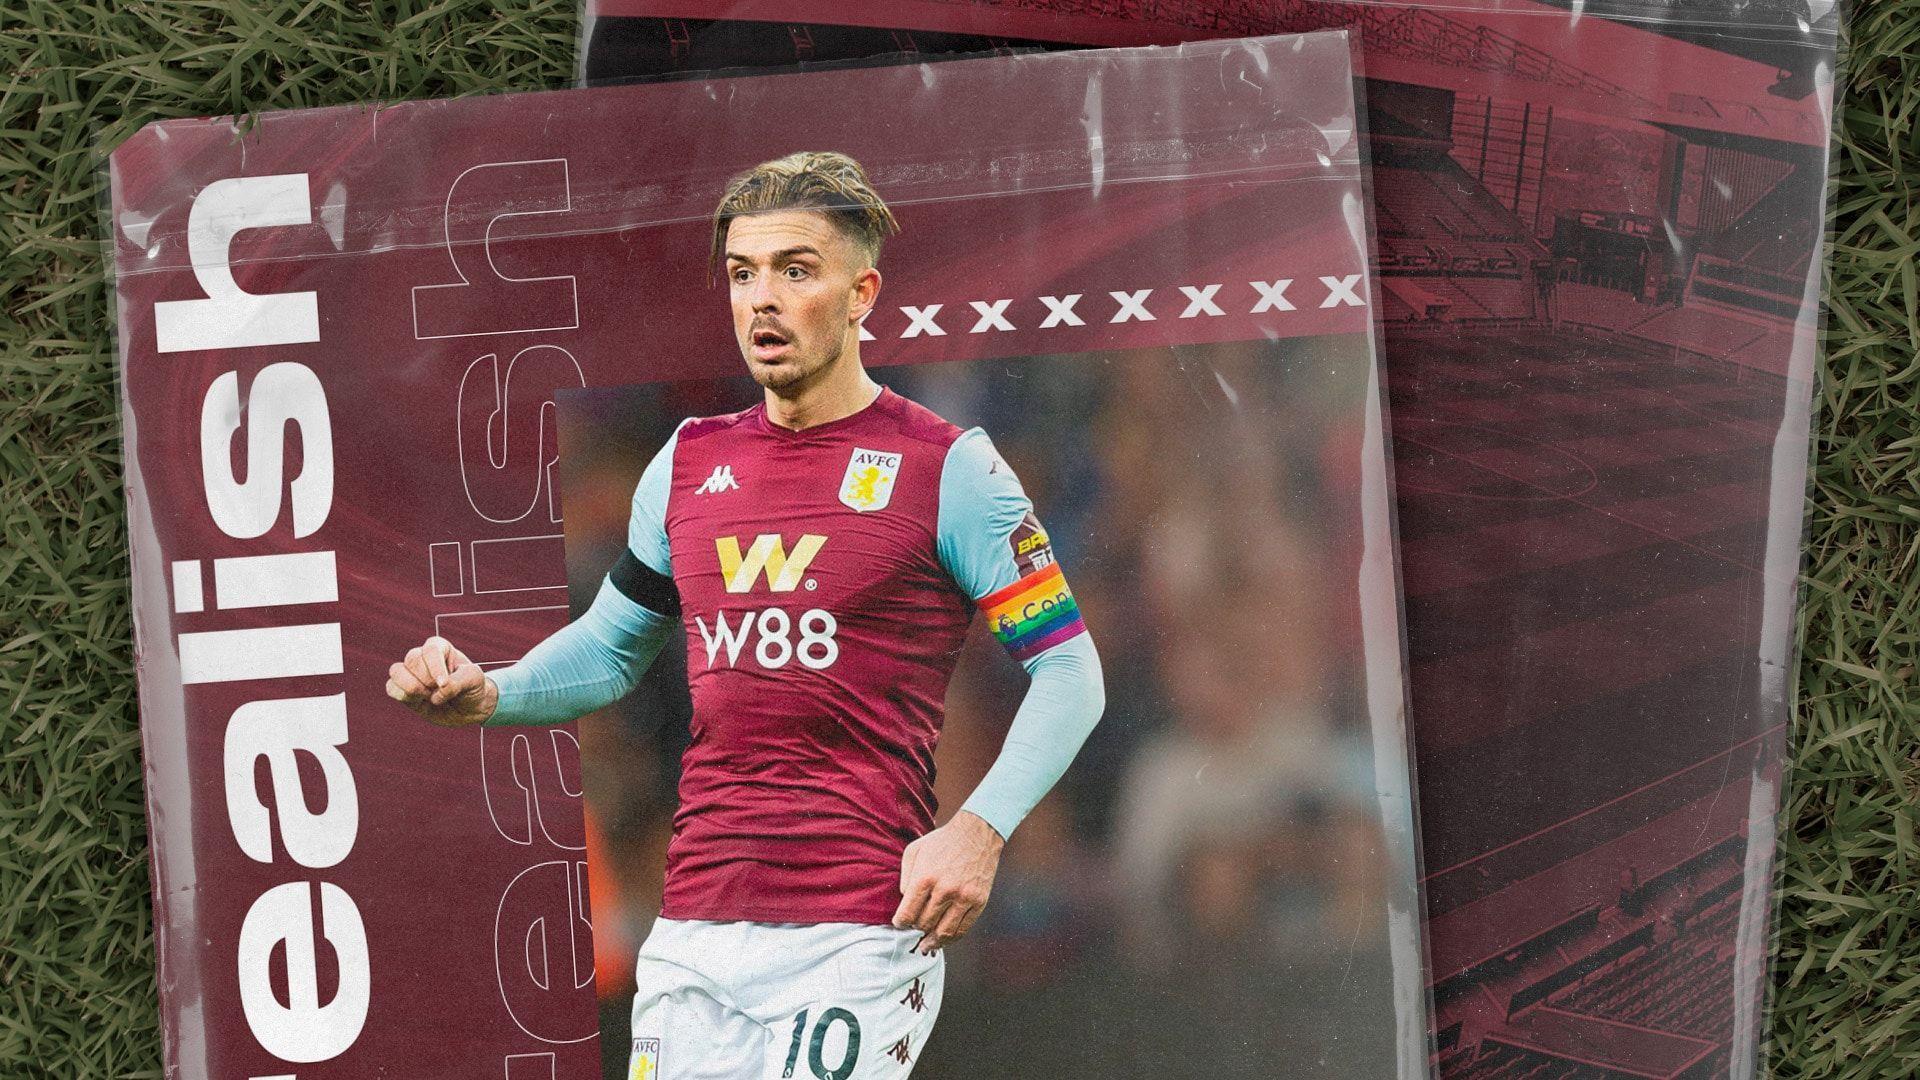 Aston Villa 2020 21